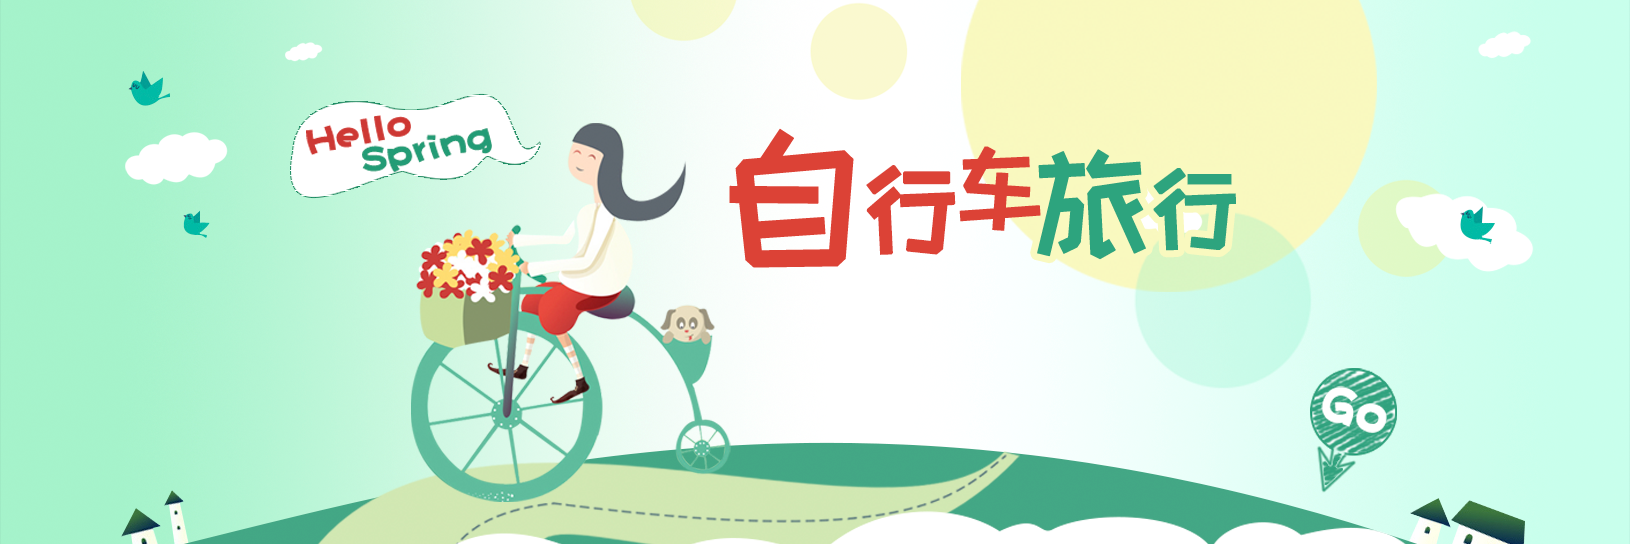 自行车旅行大全